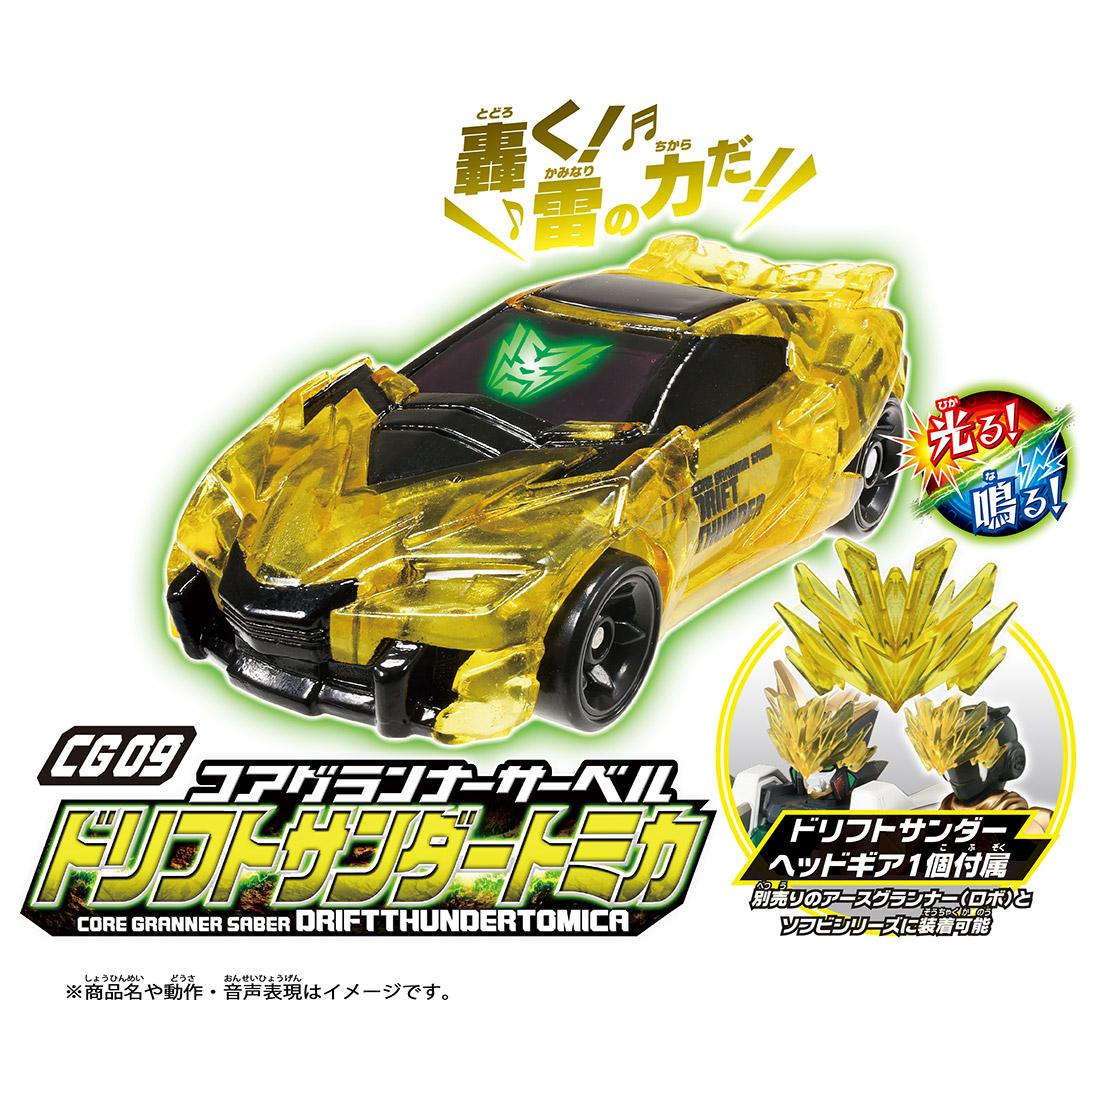 トミカ絆合体 アースグランナー『EG03 アースグランナーサーベルパンサー』可変合体フィギュア-011